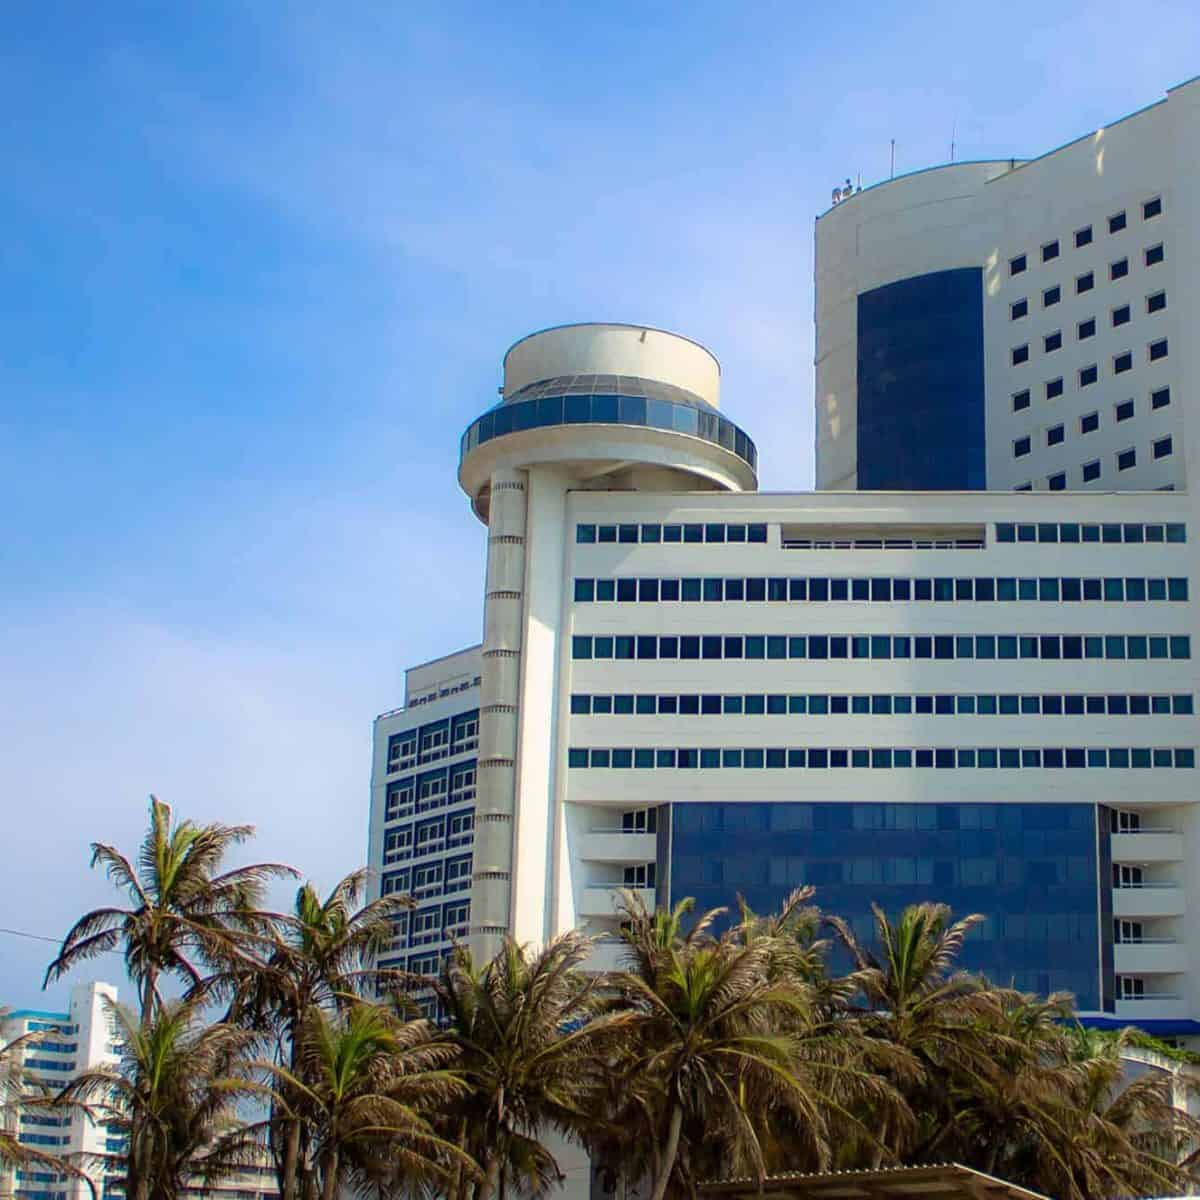 hotel almirante cartagena tu descanzo en el hotel ideal. Disfruta de tiempo de calidad y confort. ¡Reserva Ya! con planesturisticos.com